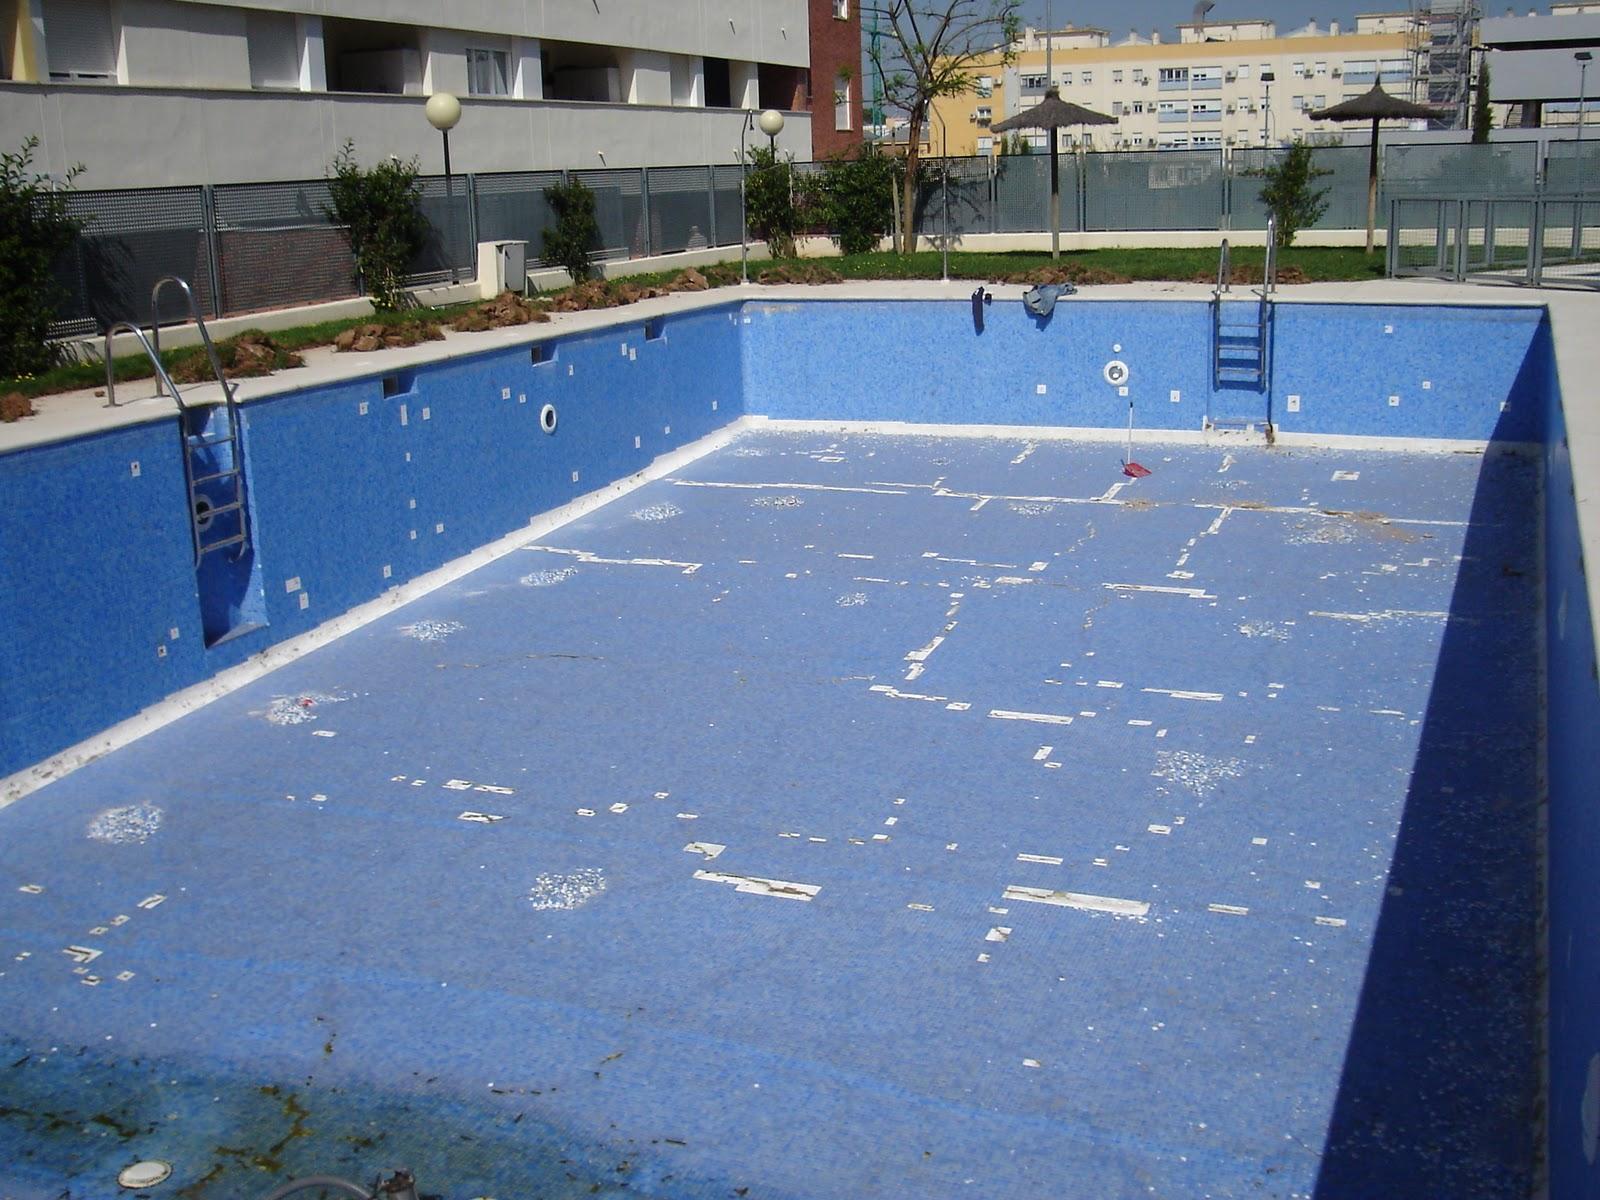 Tienes humedad en la piscina acuasec opiniones for Dibujos para piscinas en gresite